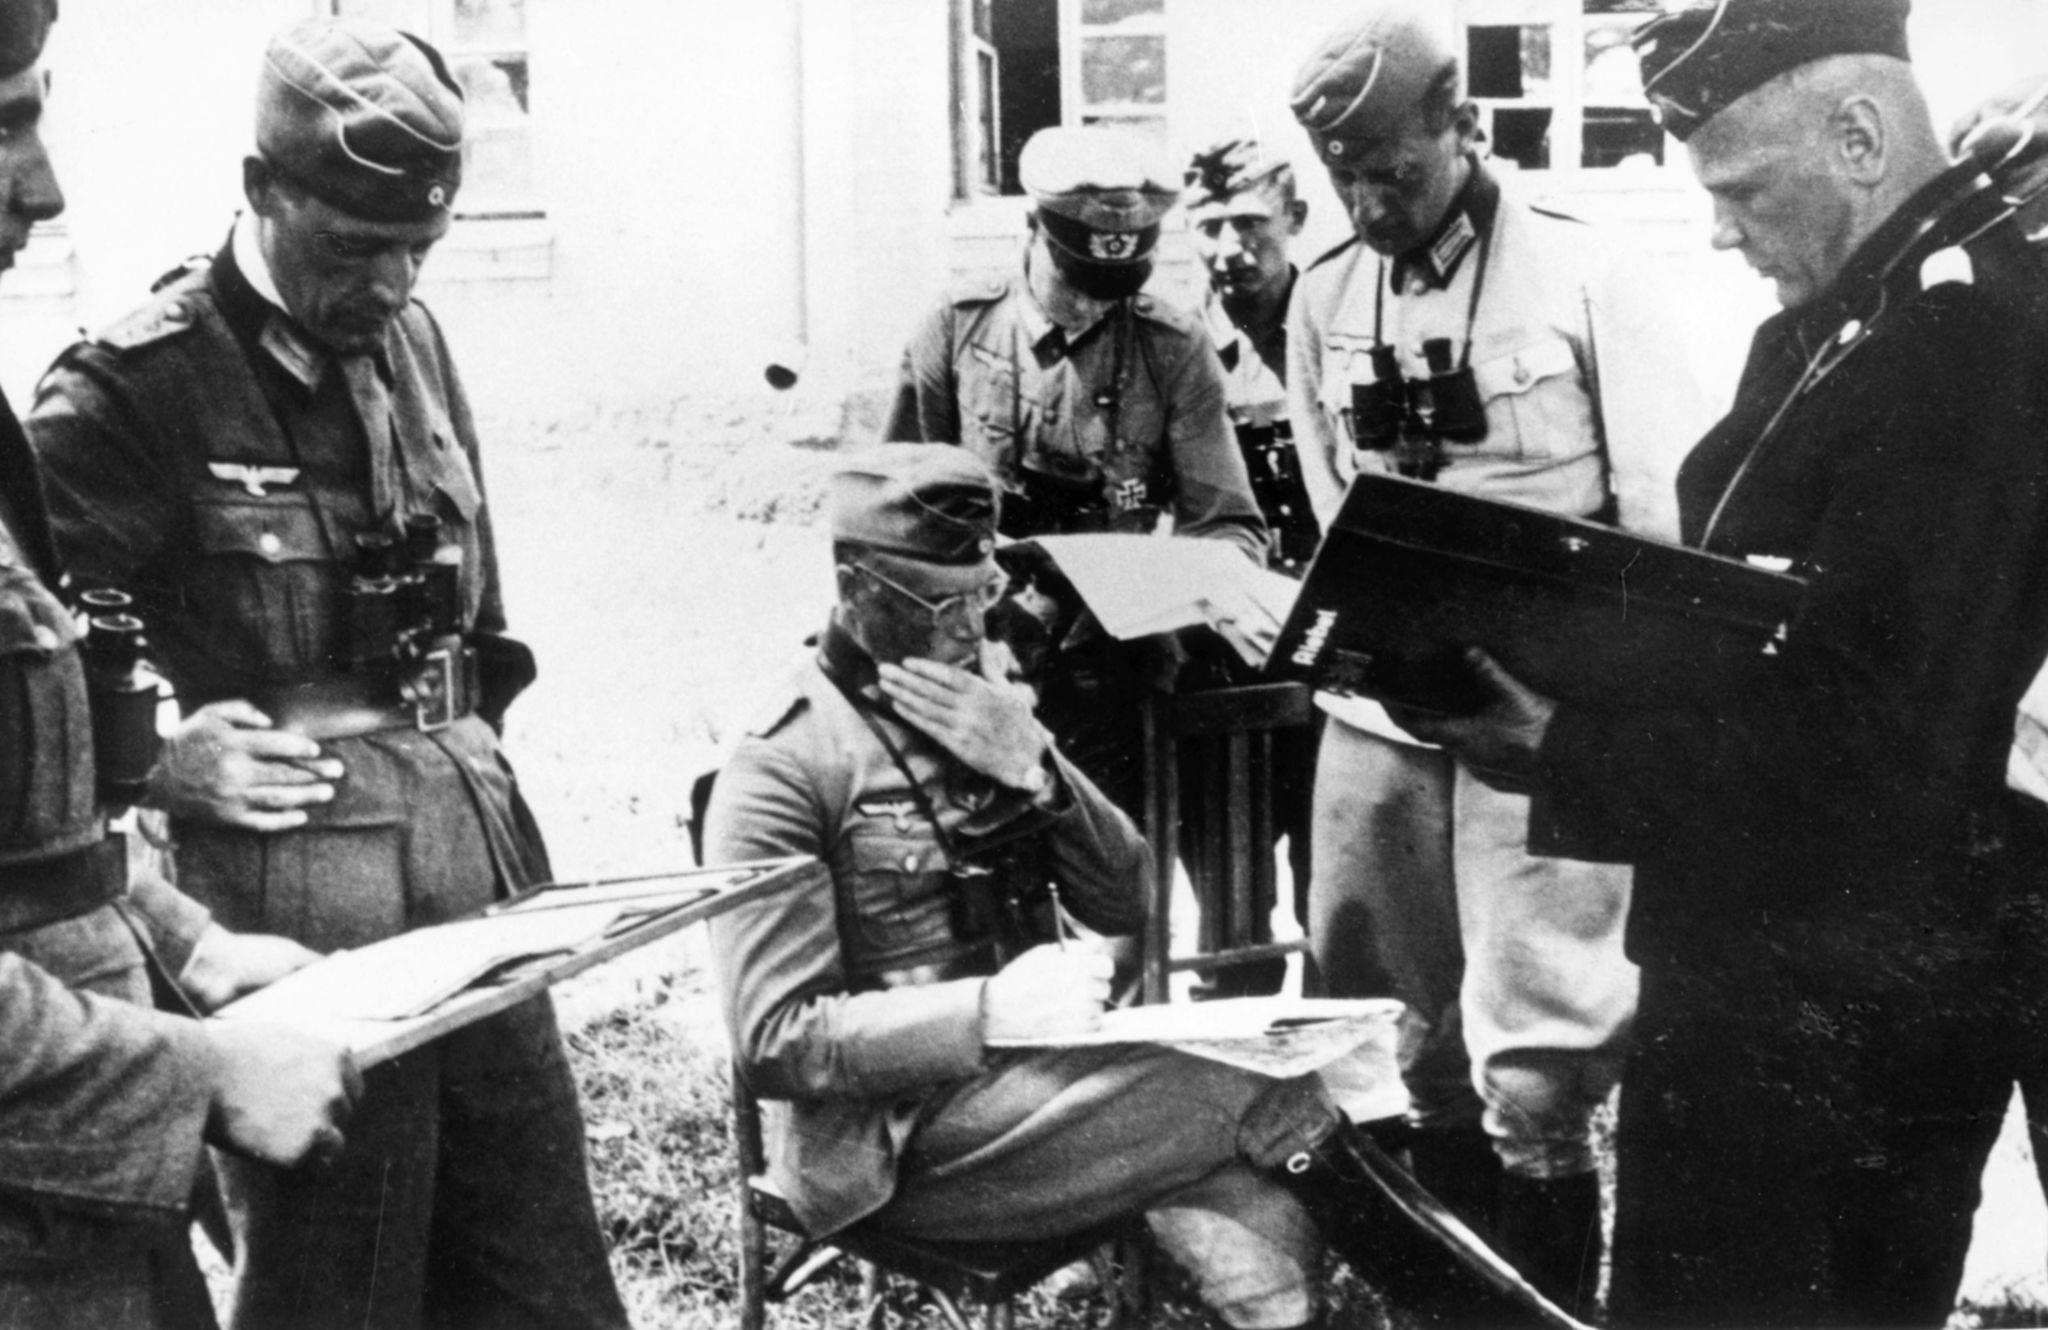 1941. Офицеры подразделения немецкой армии за несколько часов до вторжения Германии в Советский Союз 22 июня